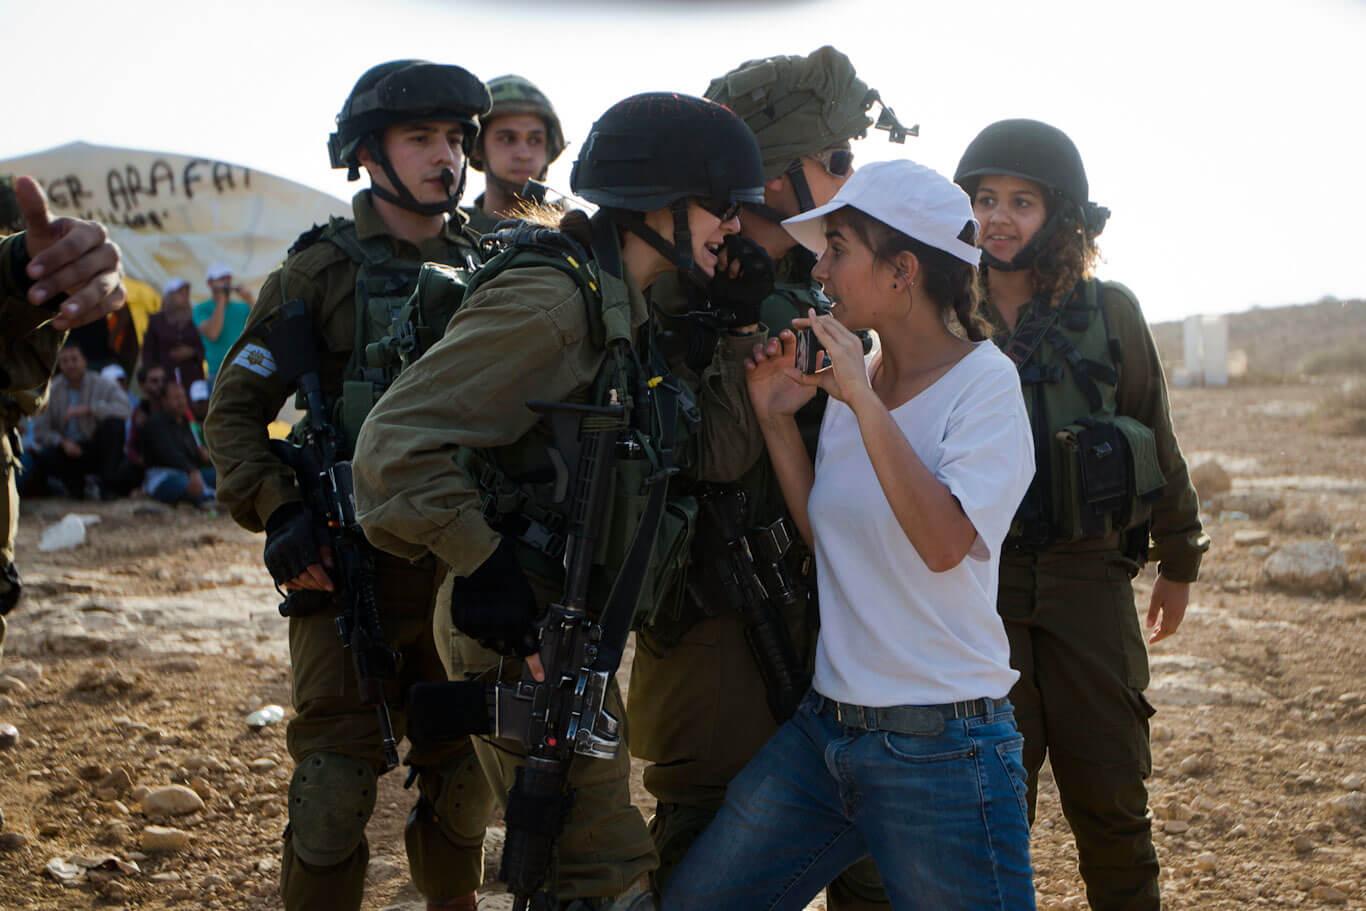 Israel Palestine Jordan Valley